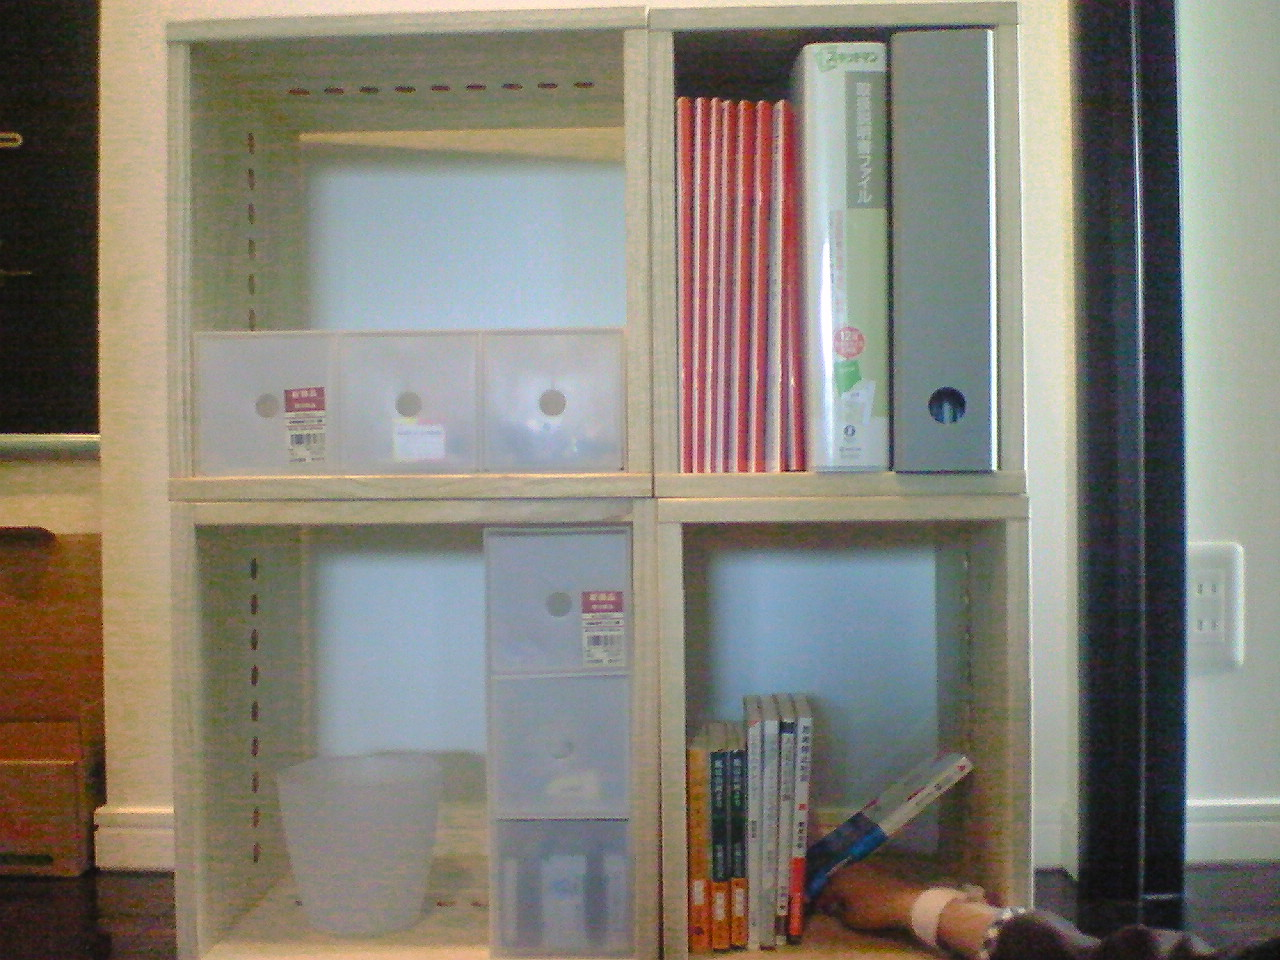 【整理整頓】 部屋の整理のため初めて購入。少しづつ増やしていきます。今後も長く販売してください。まだ、整理棚になりきっていませんが、無印のバインダーもきれいに入ります。【子供部屋 無垢 木製 収納 ラック キューブ カラーボックス 本棚 絵本 おもちゃ 収納 図鑑 大型本】